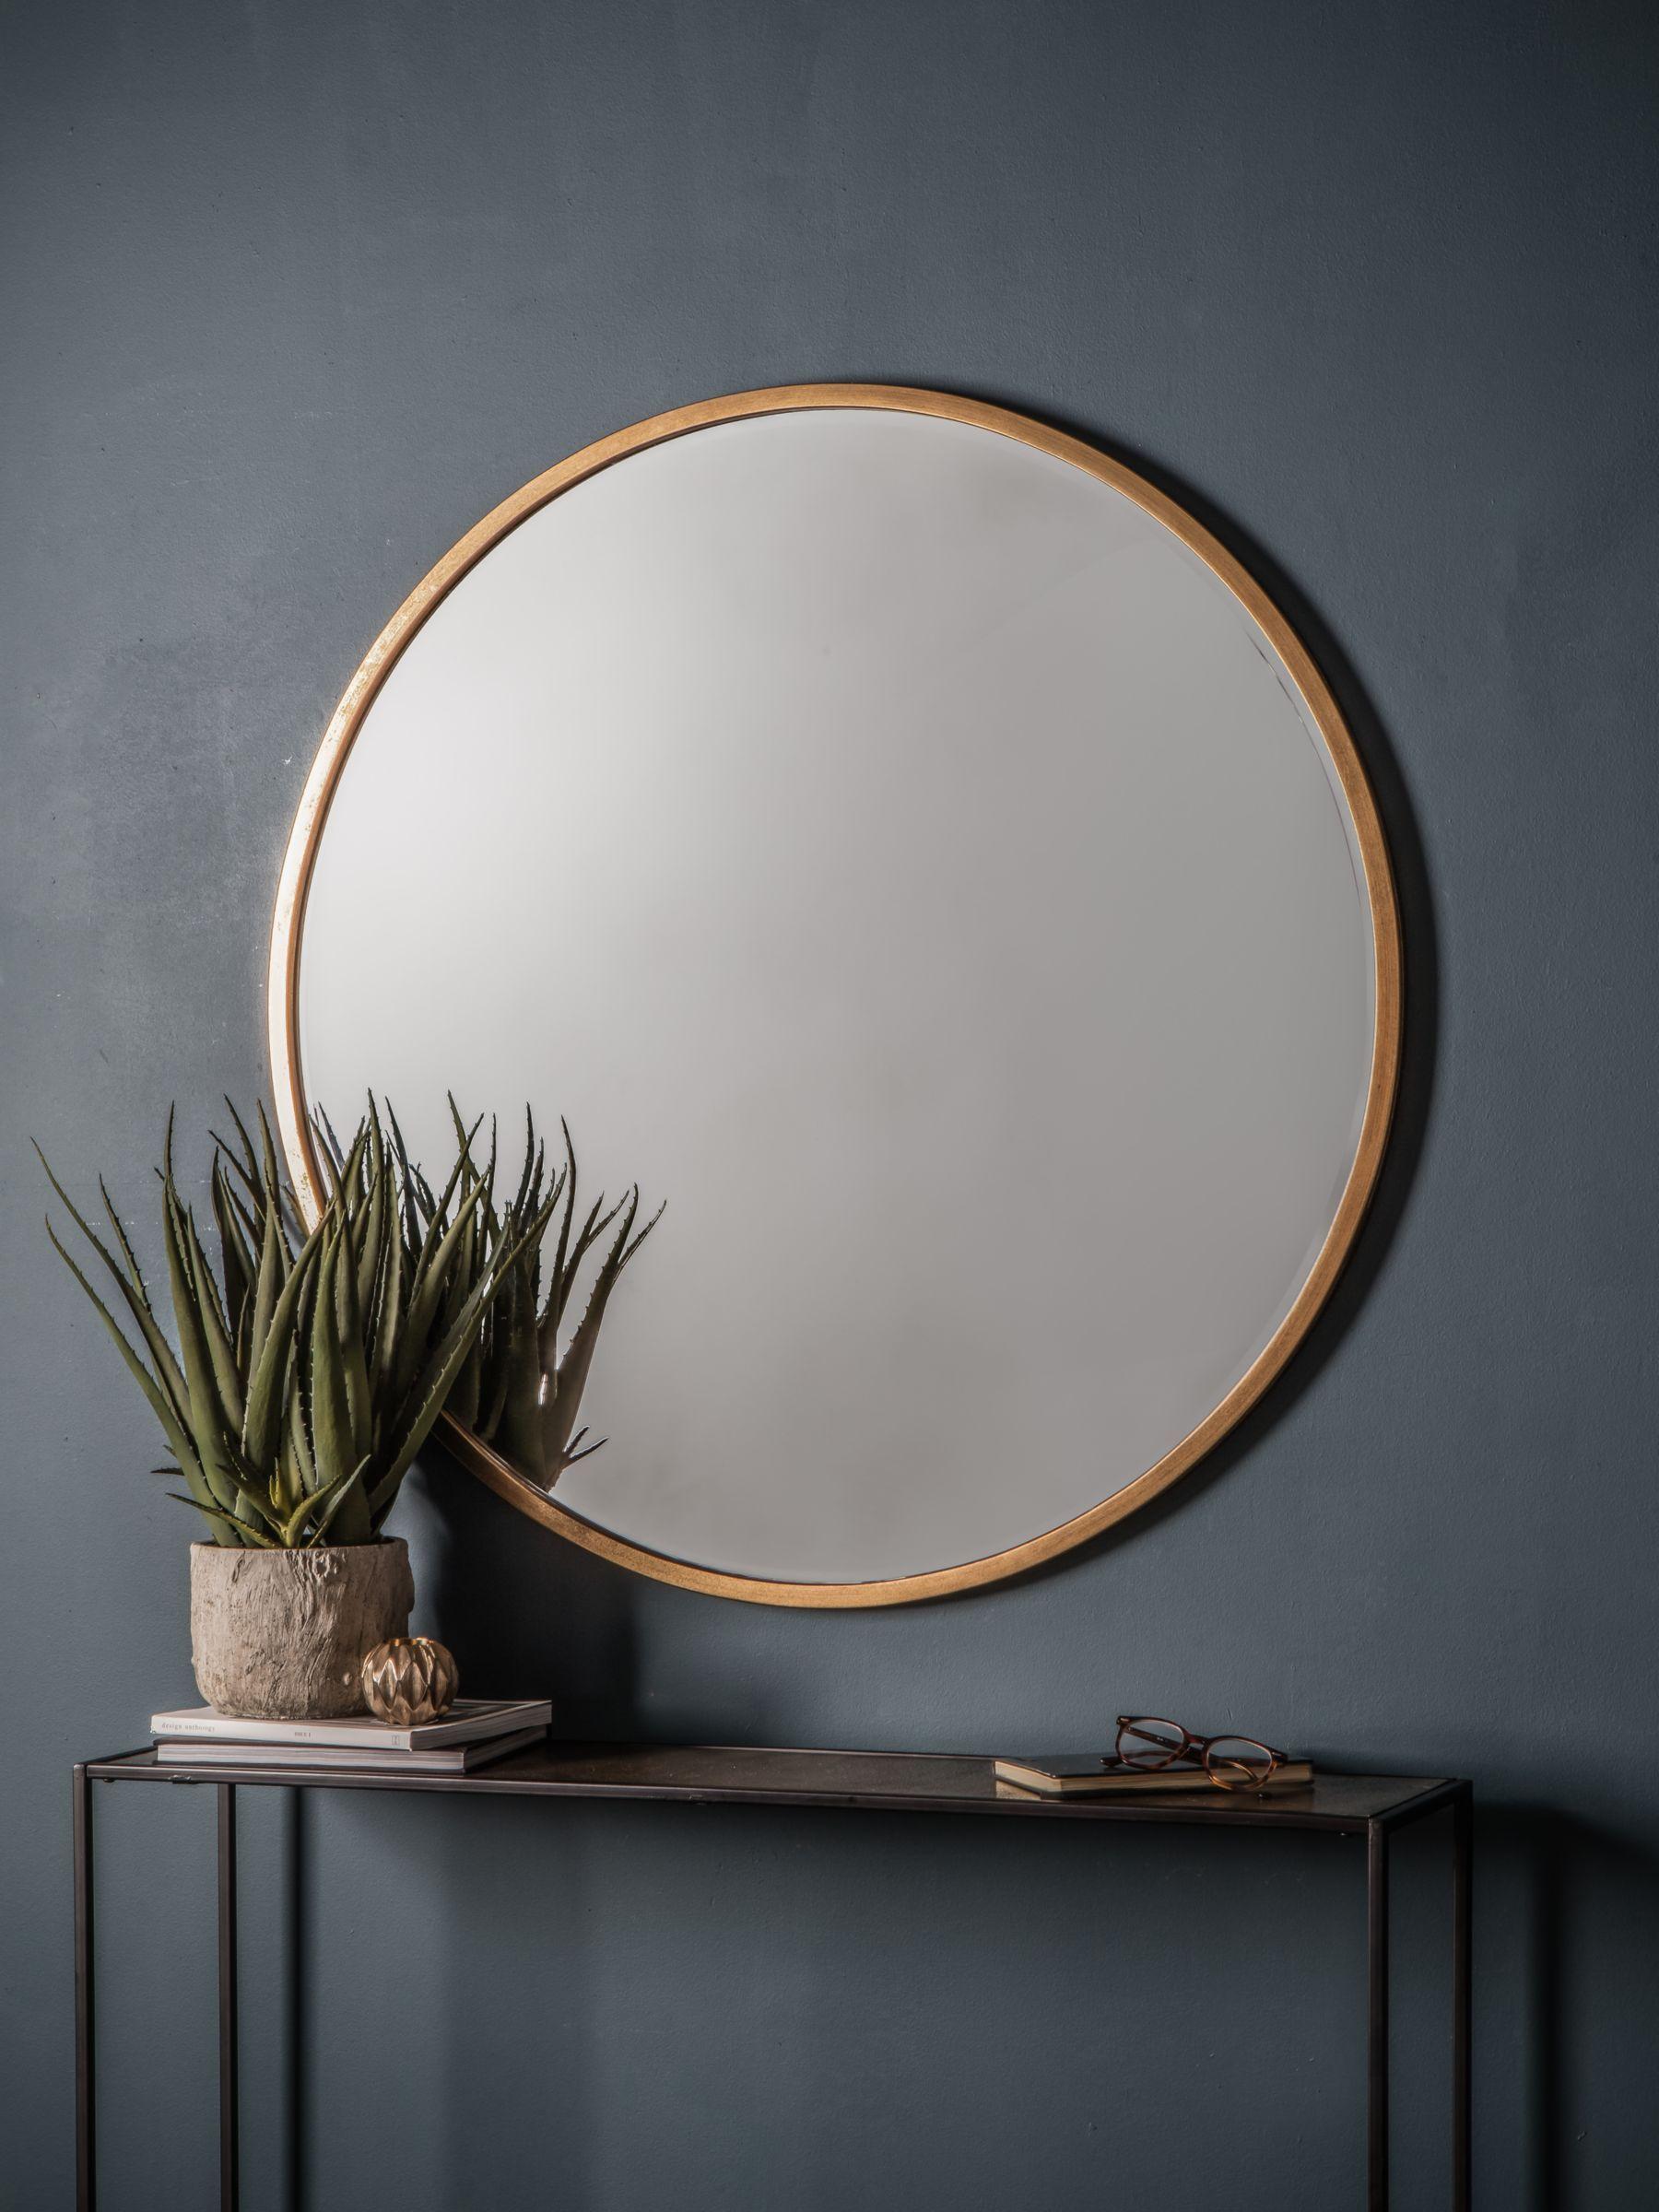 Cade Round Mirror, Antique Gold in 2020 Round gold